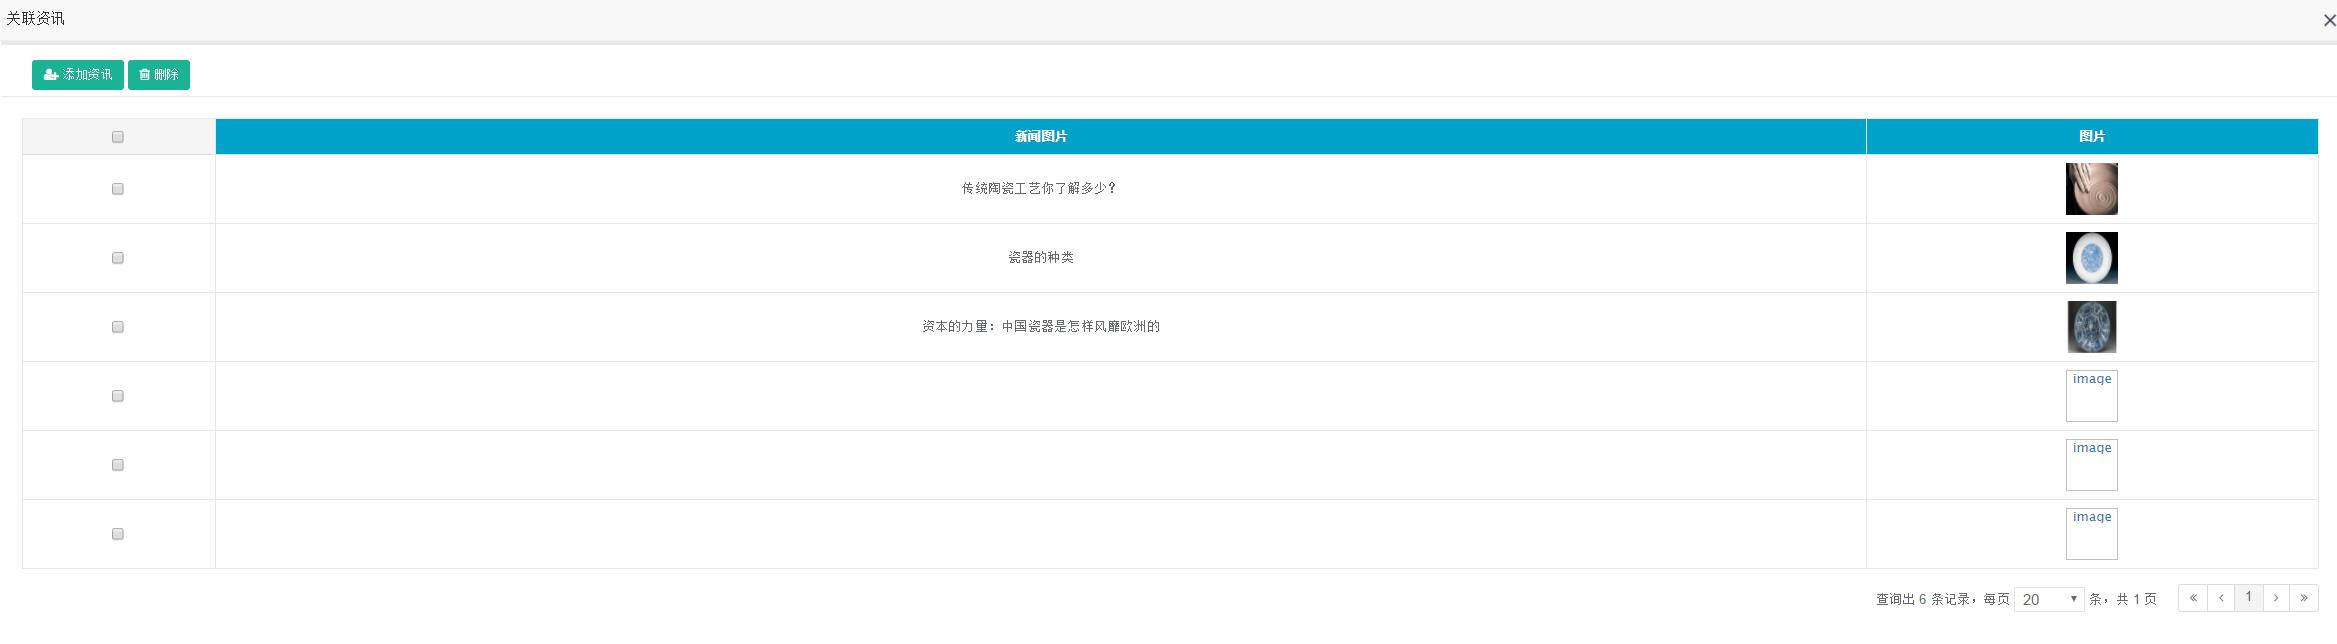 23-关联资讯列表.png